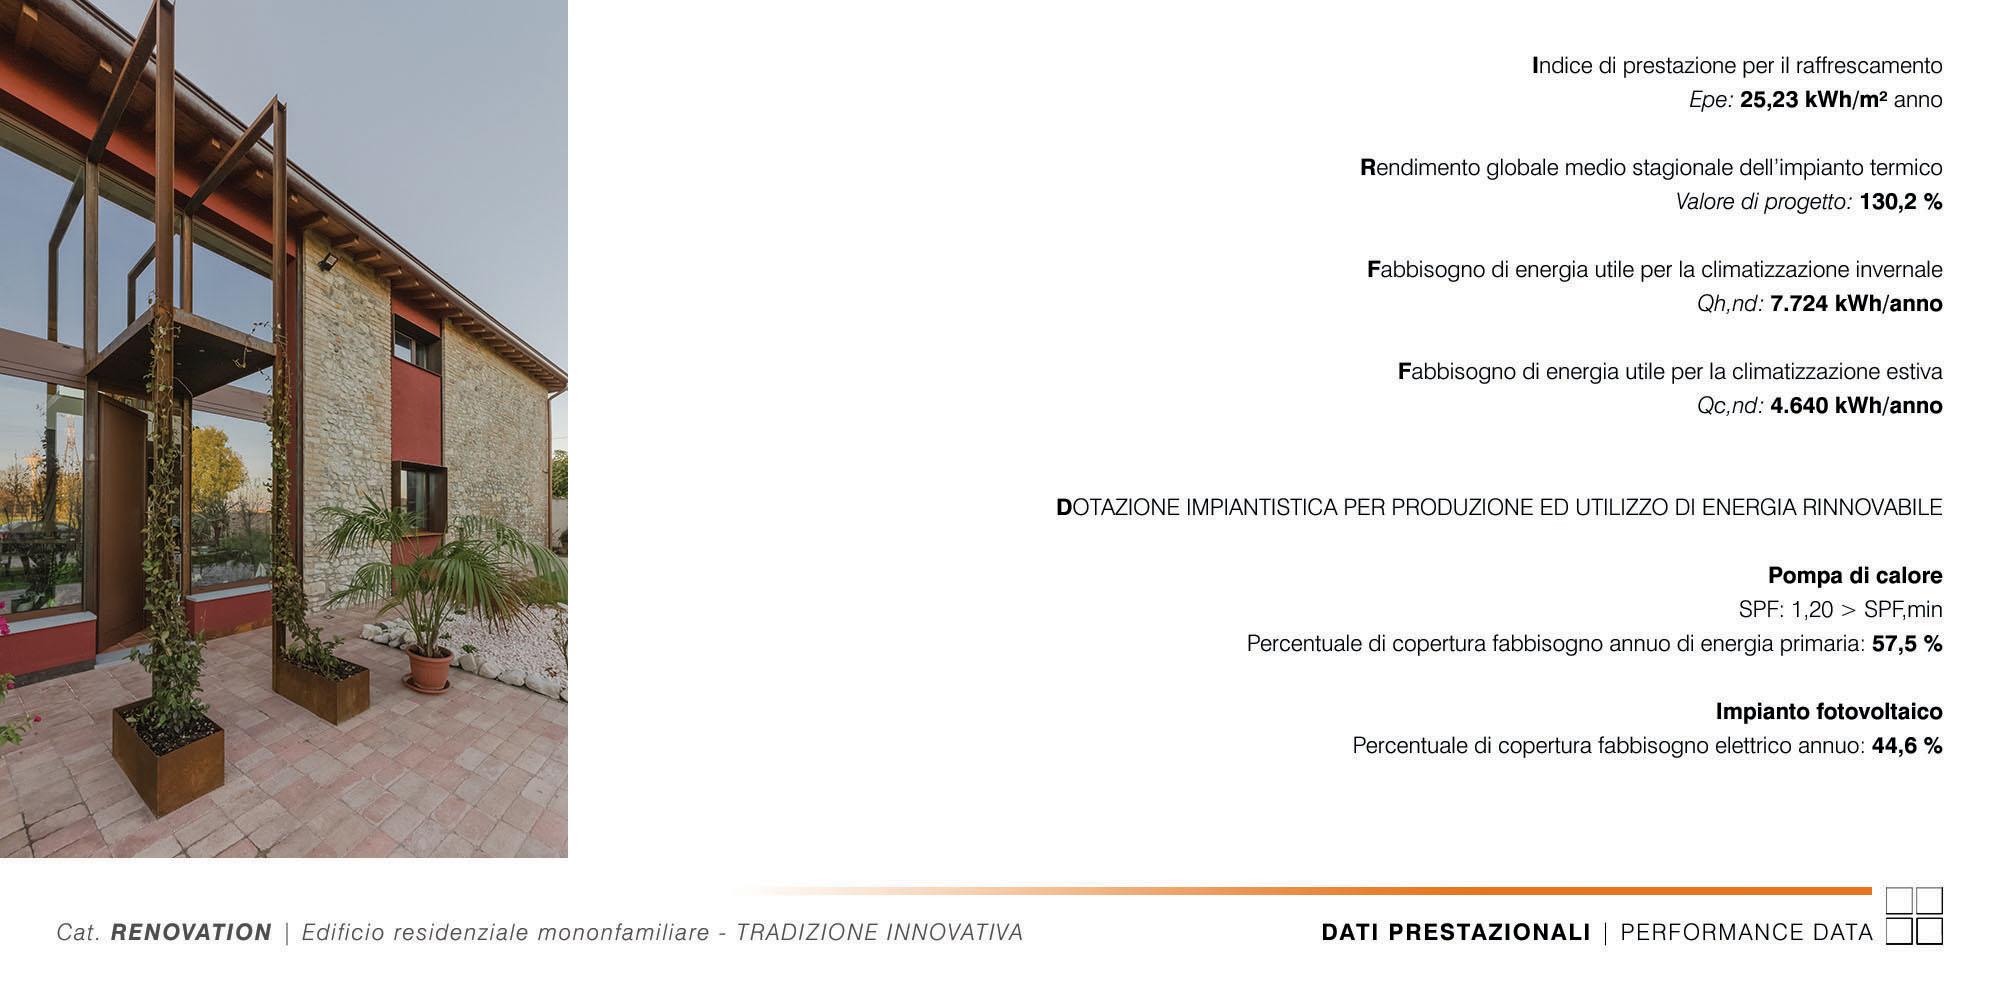 Edificio Residenziale Monofamiliare - TRADIZIONE INNOVATIVA - 014 - Performance Data }